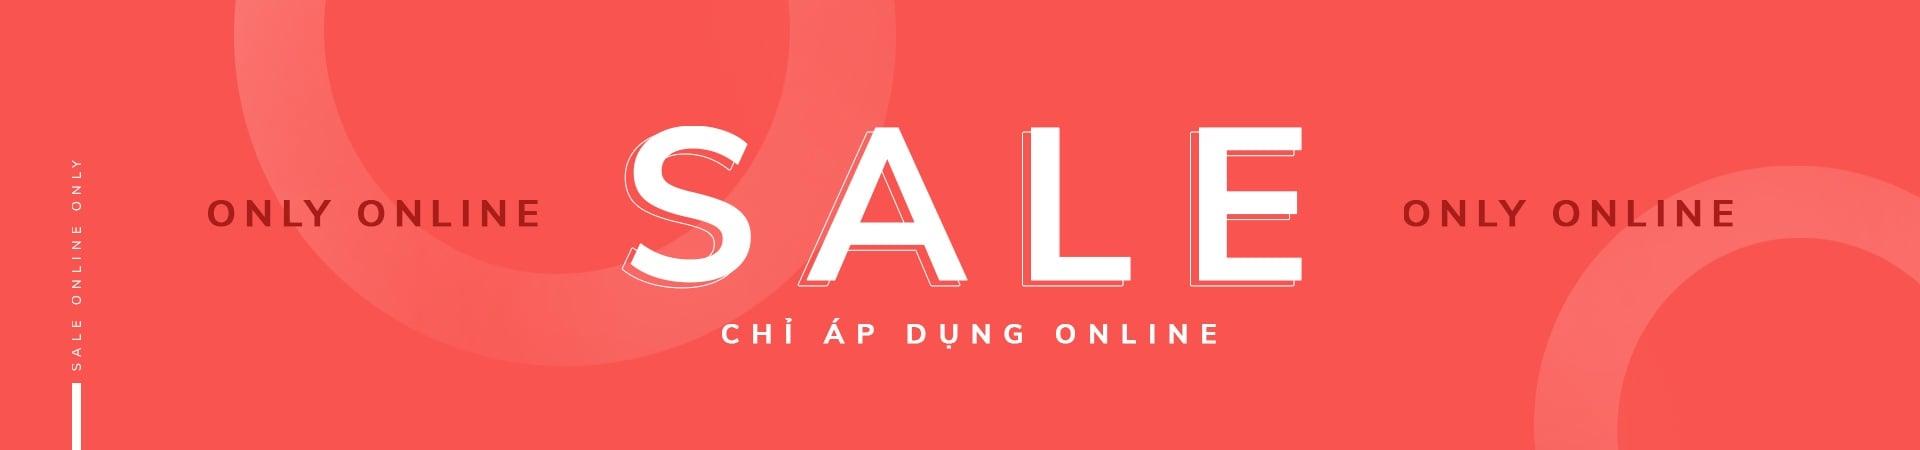 juno sale online